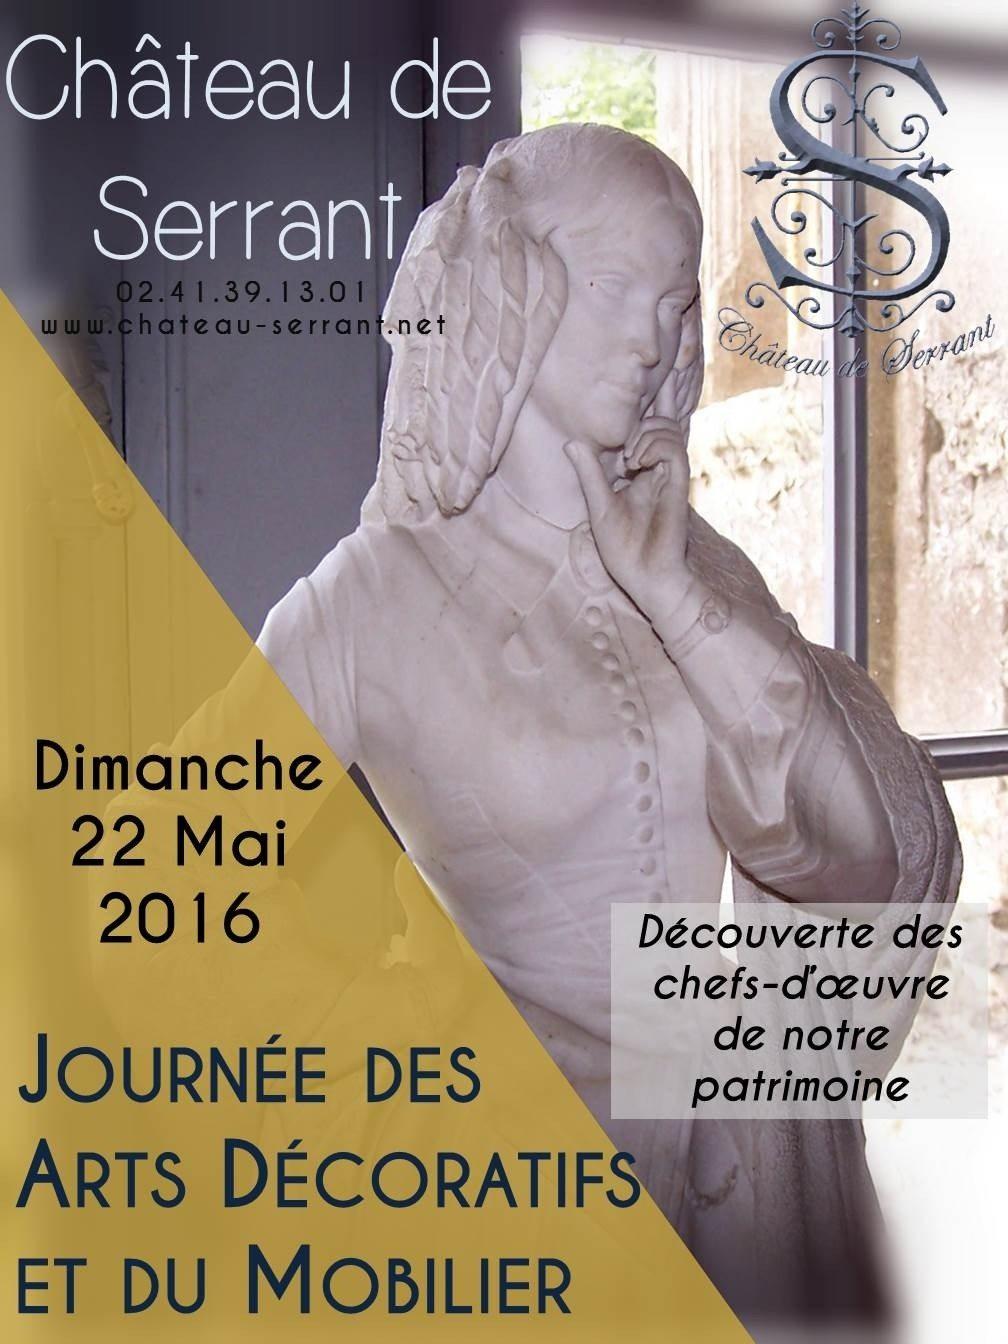 Journée des arts décoratifs et du mobilier Saint-Georges-sur-Loire